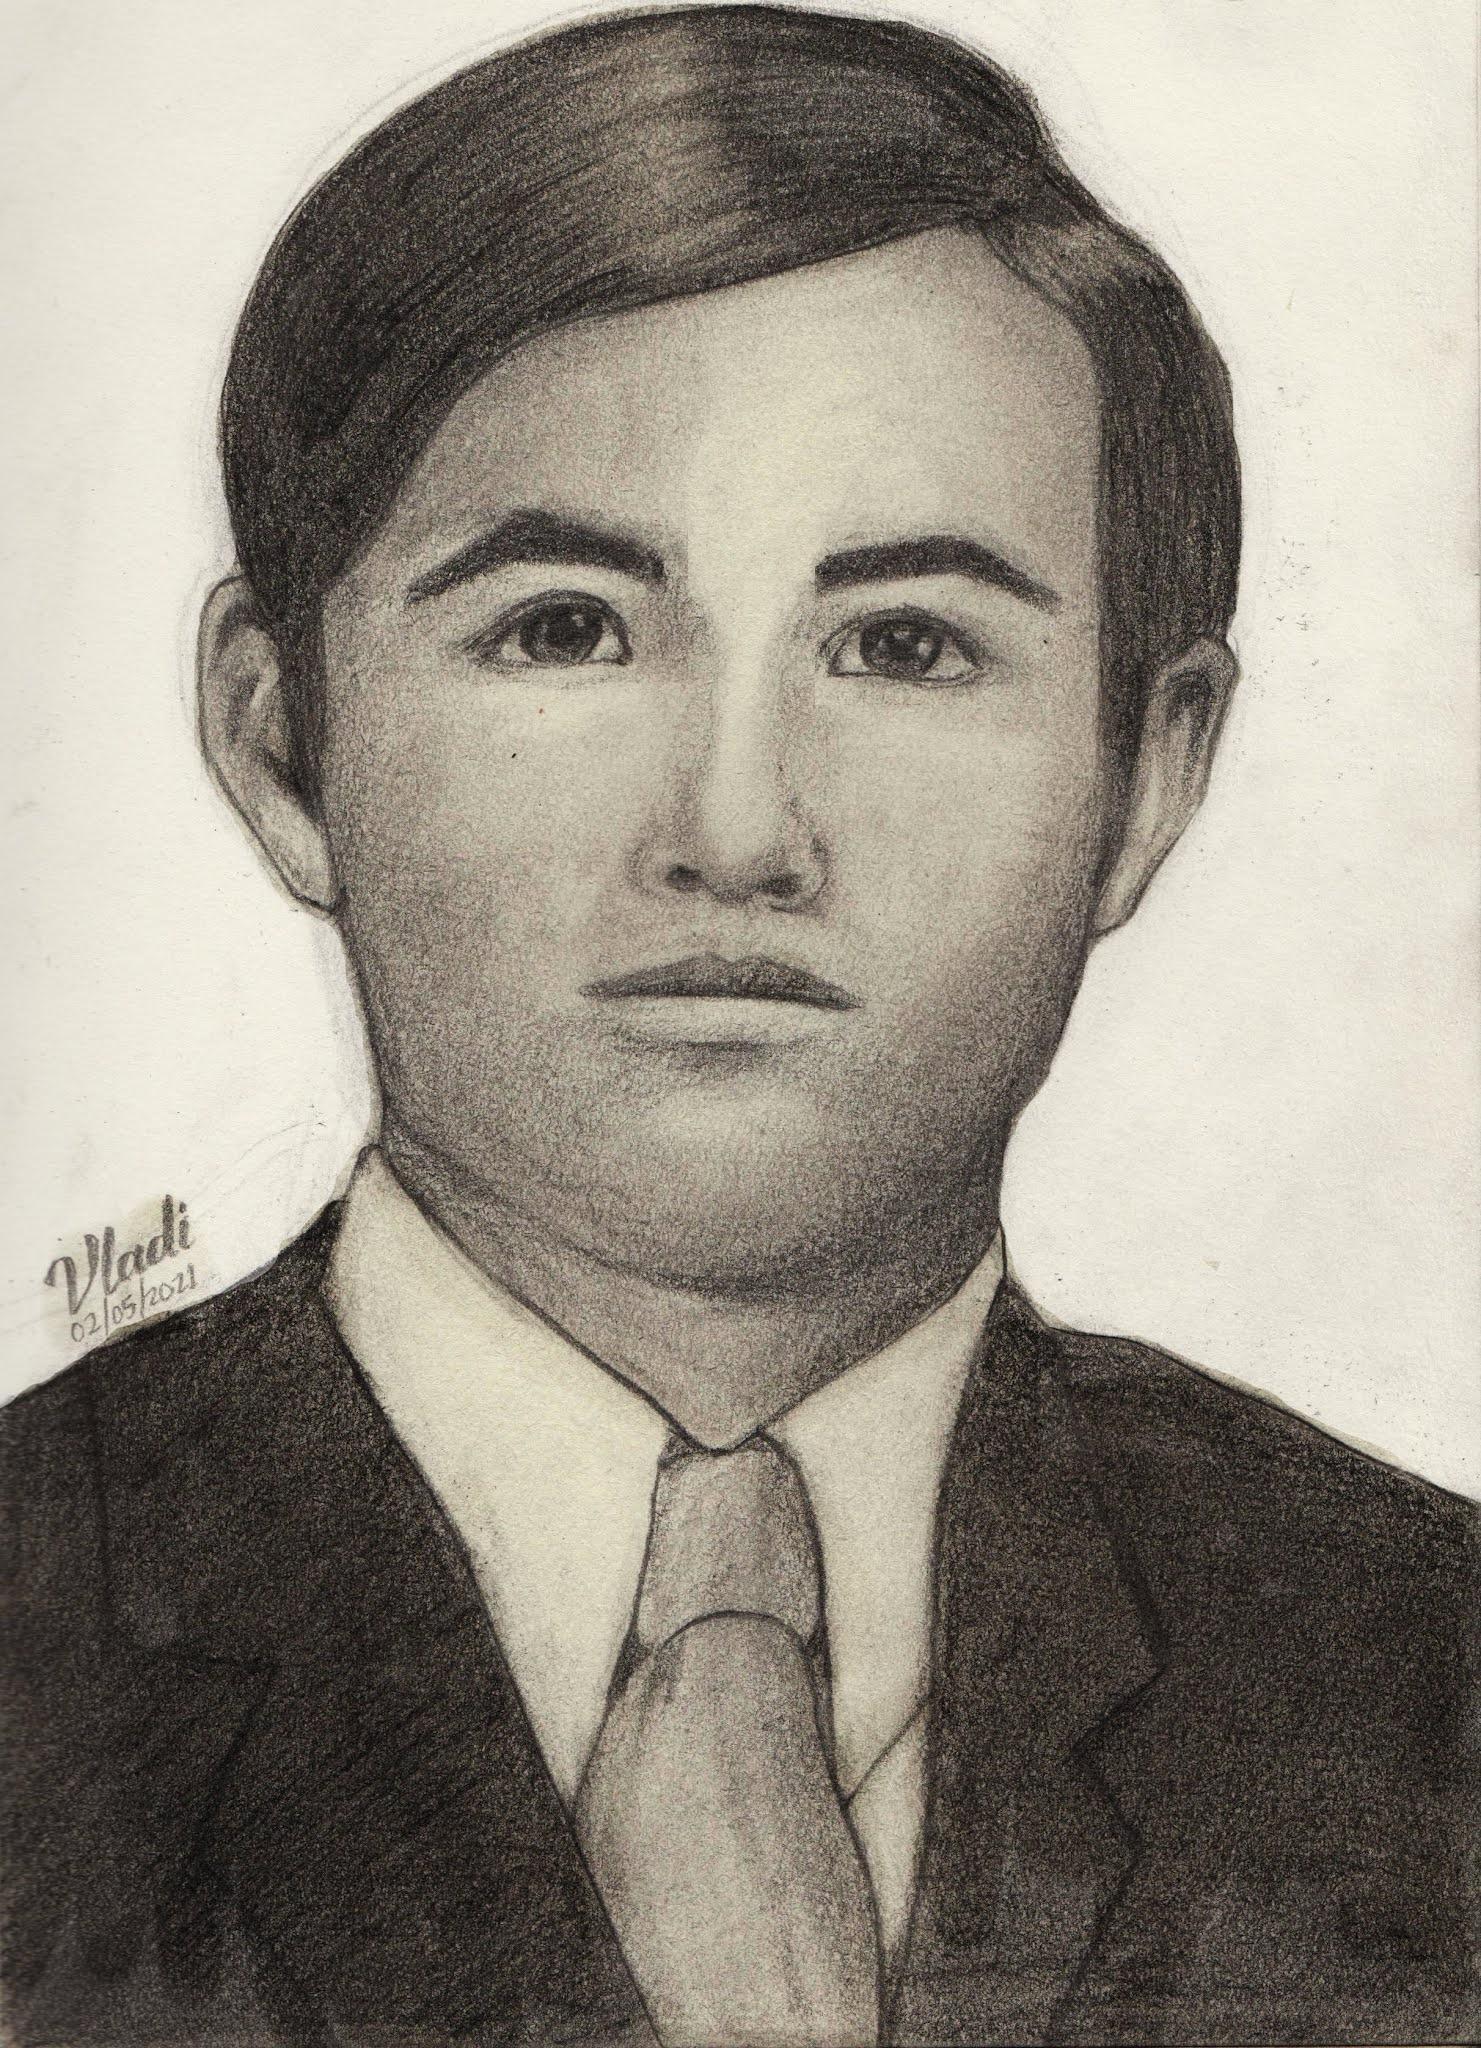 David Ángel Salguero Menjívar